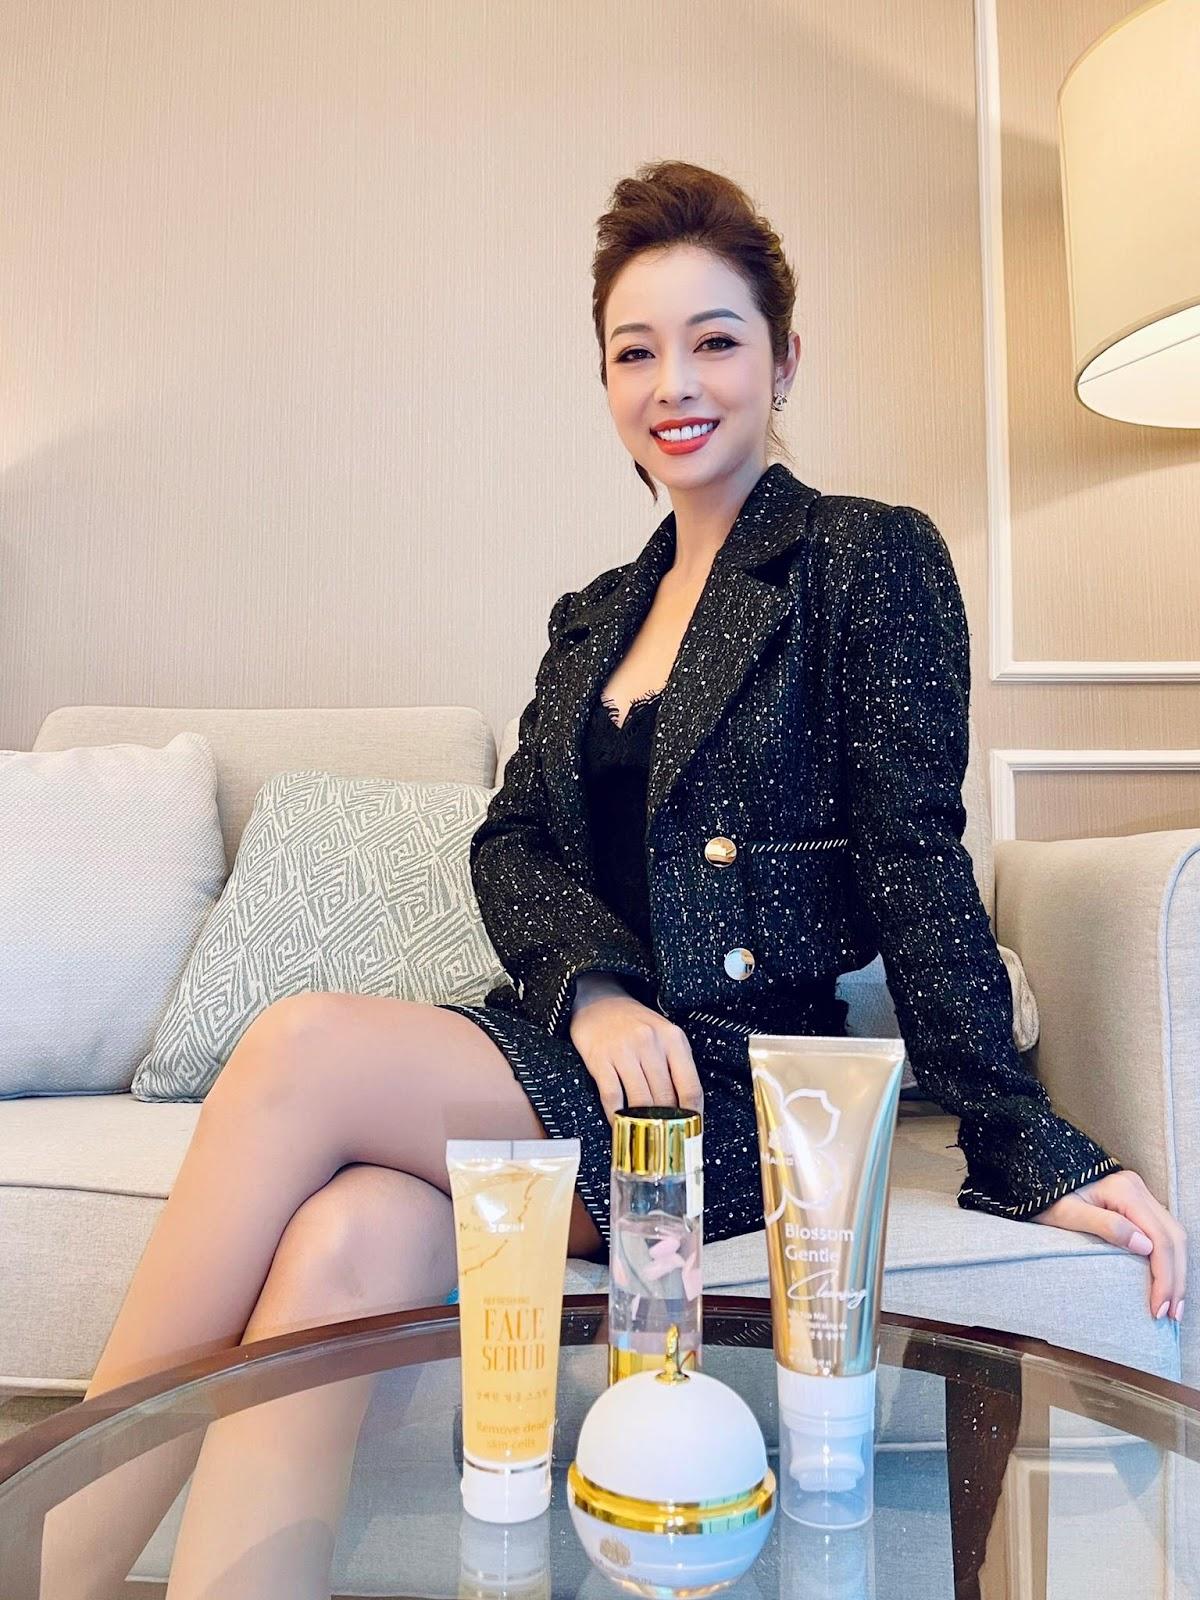 Hoa hậu Jennifer Phạm chia sẻ 4 tips phòng ngừa nám hiệu quả tại nhà - Ảnh 5